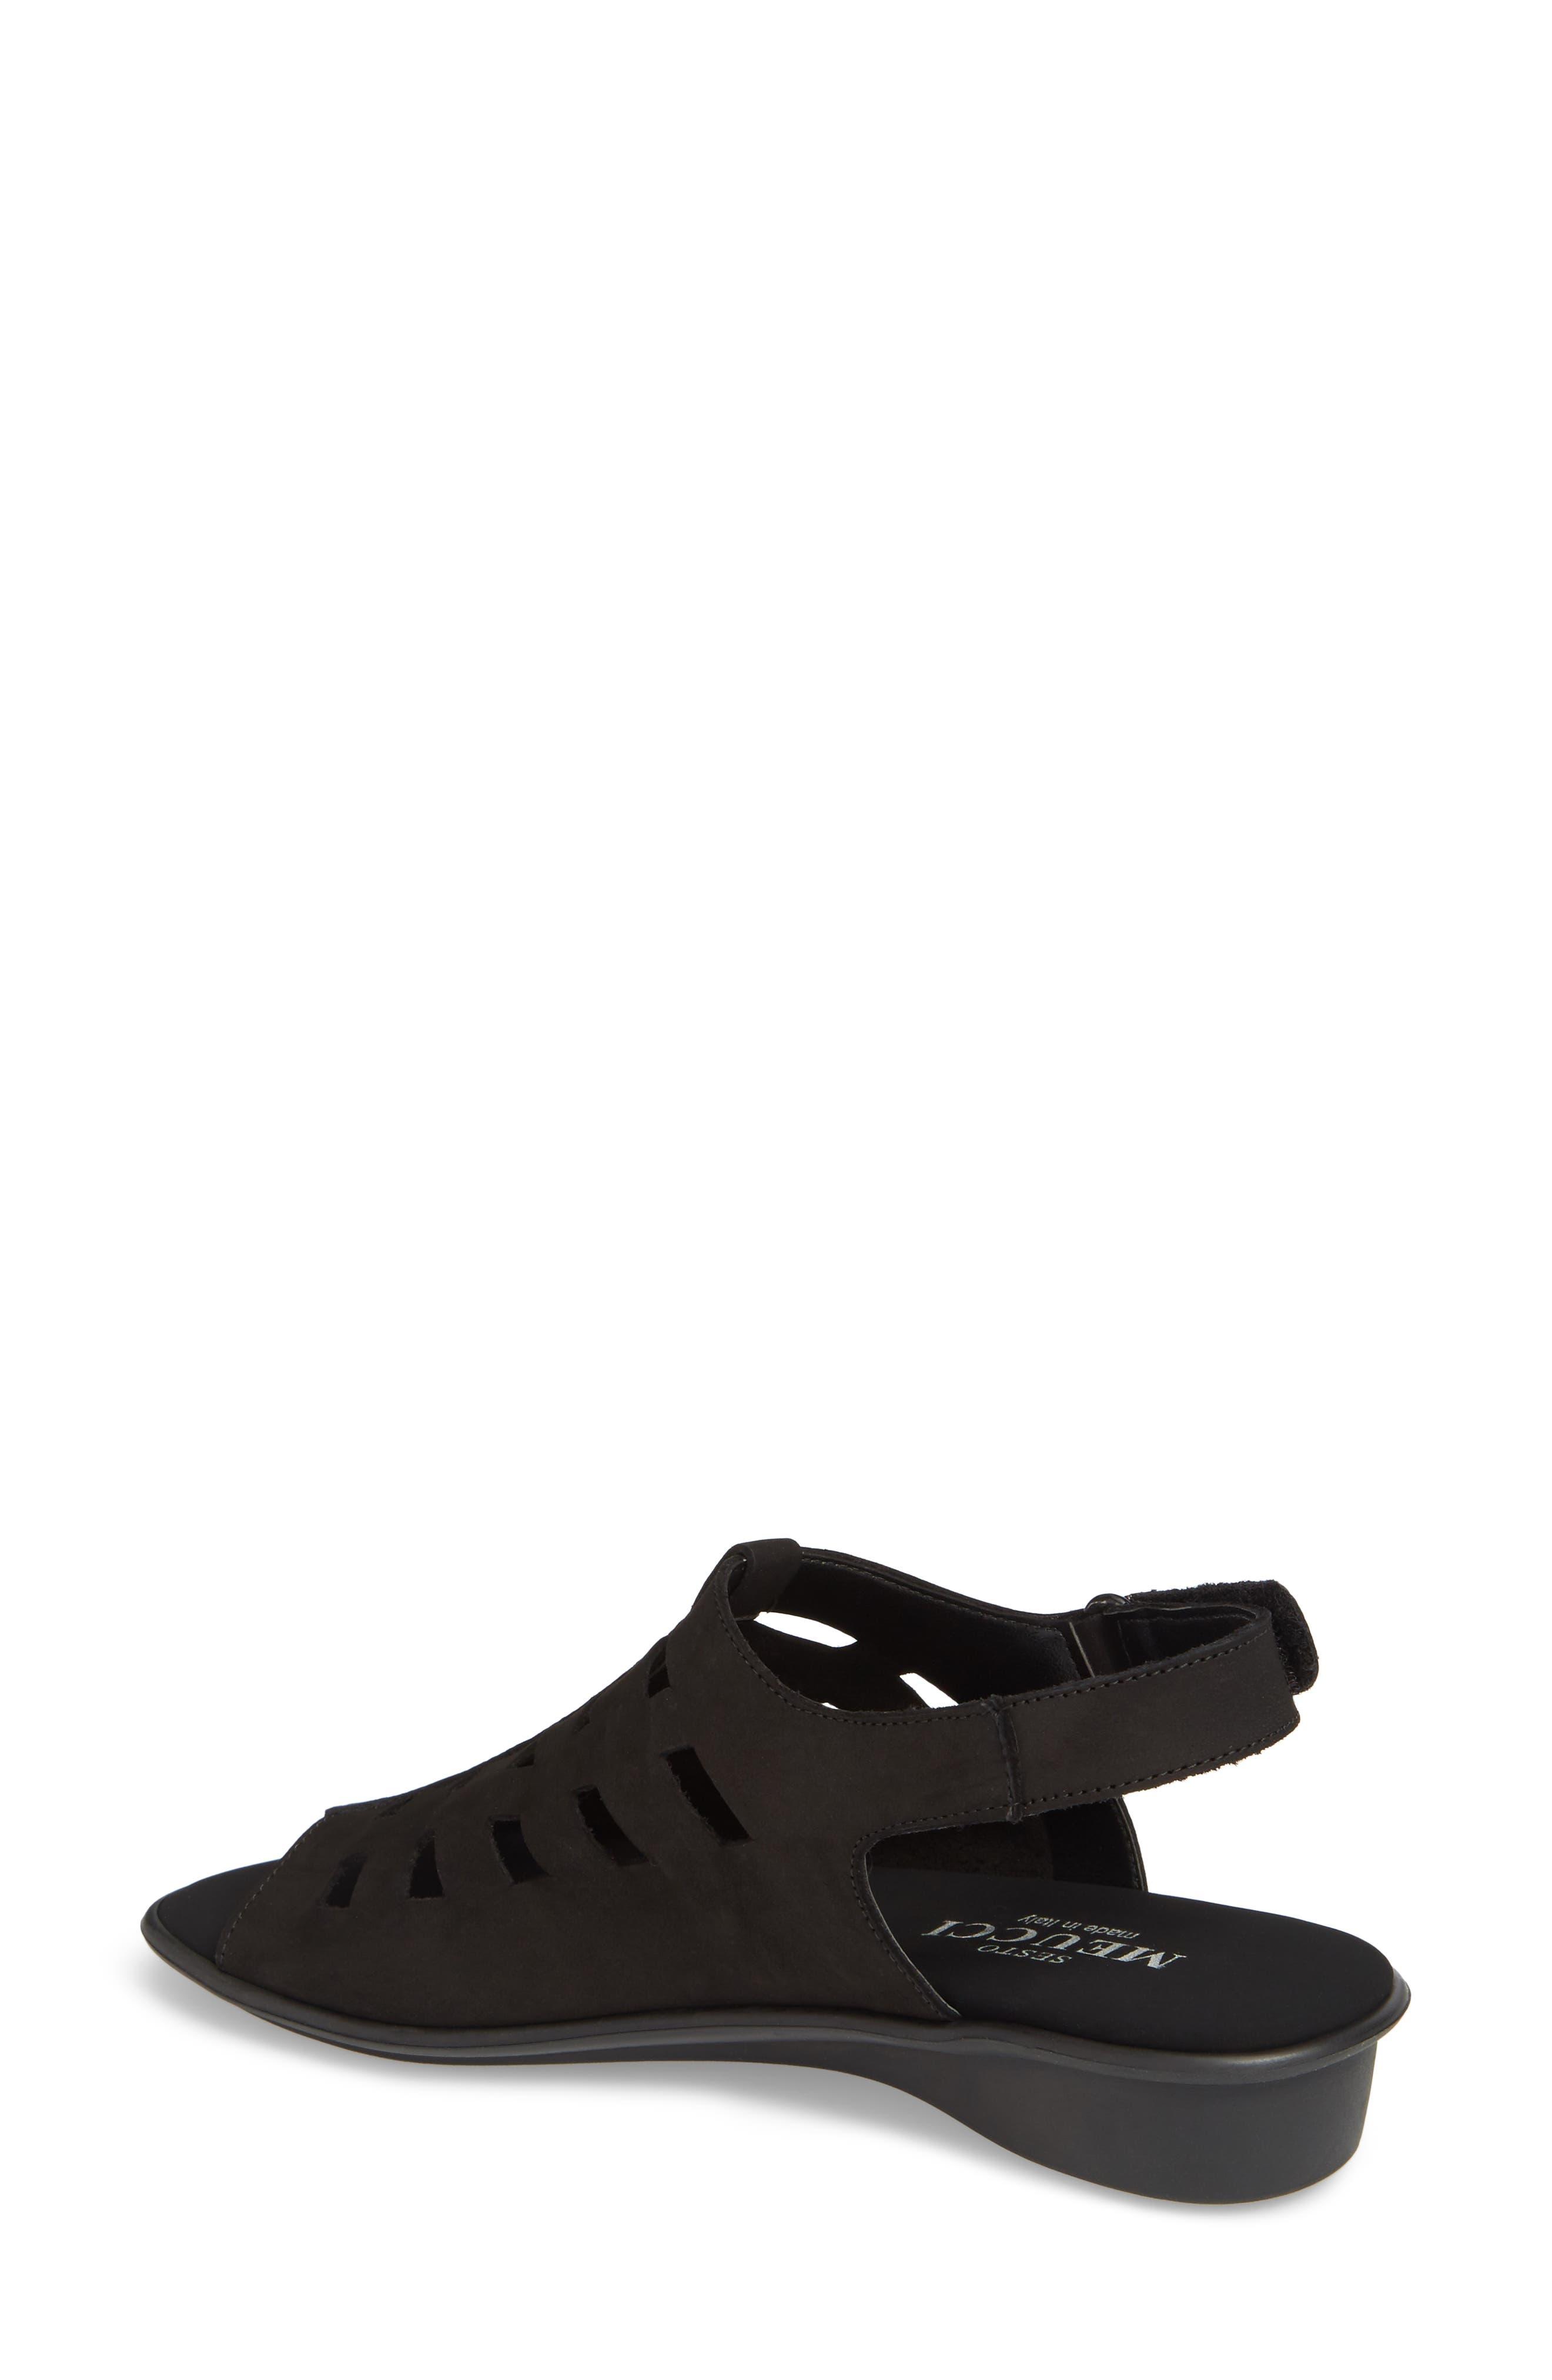 Elita Cutout Slingback Sandal,                             Alternate thumbnail 2, color,                             BLACK NUBUCK